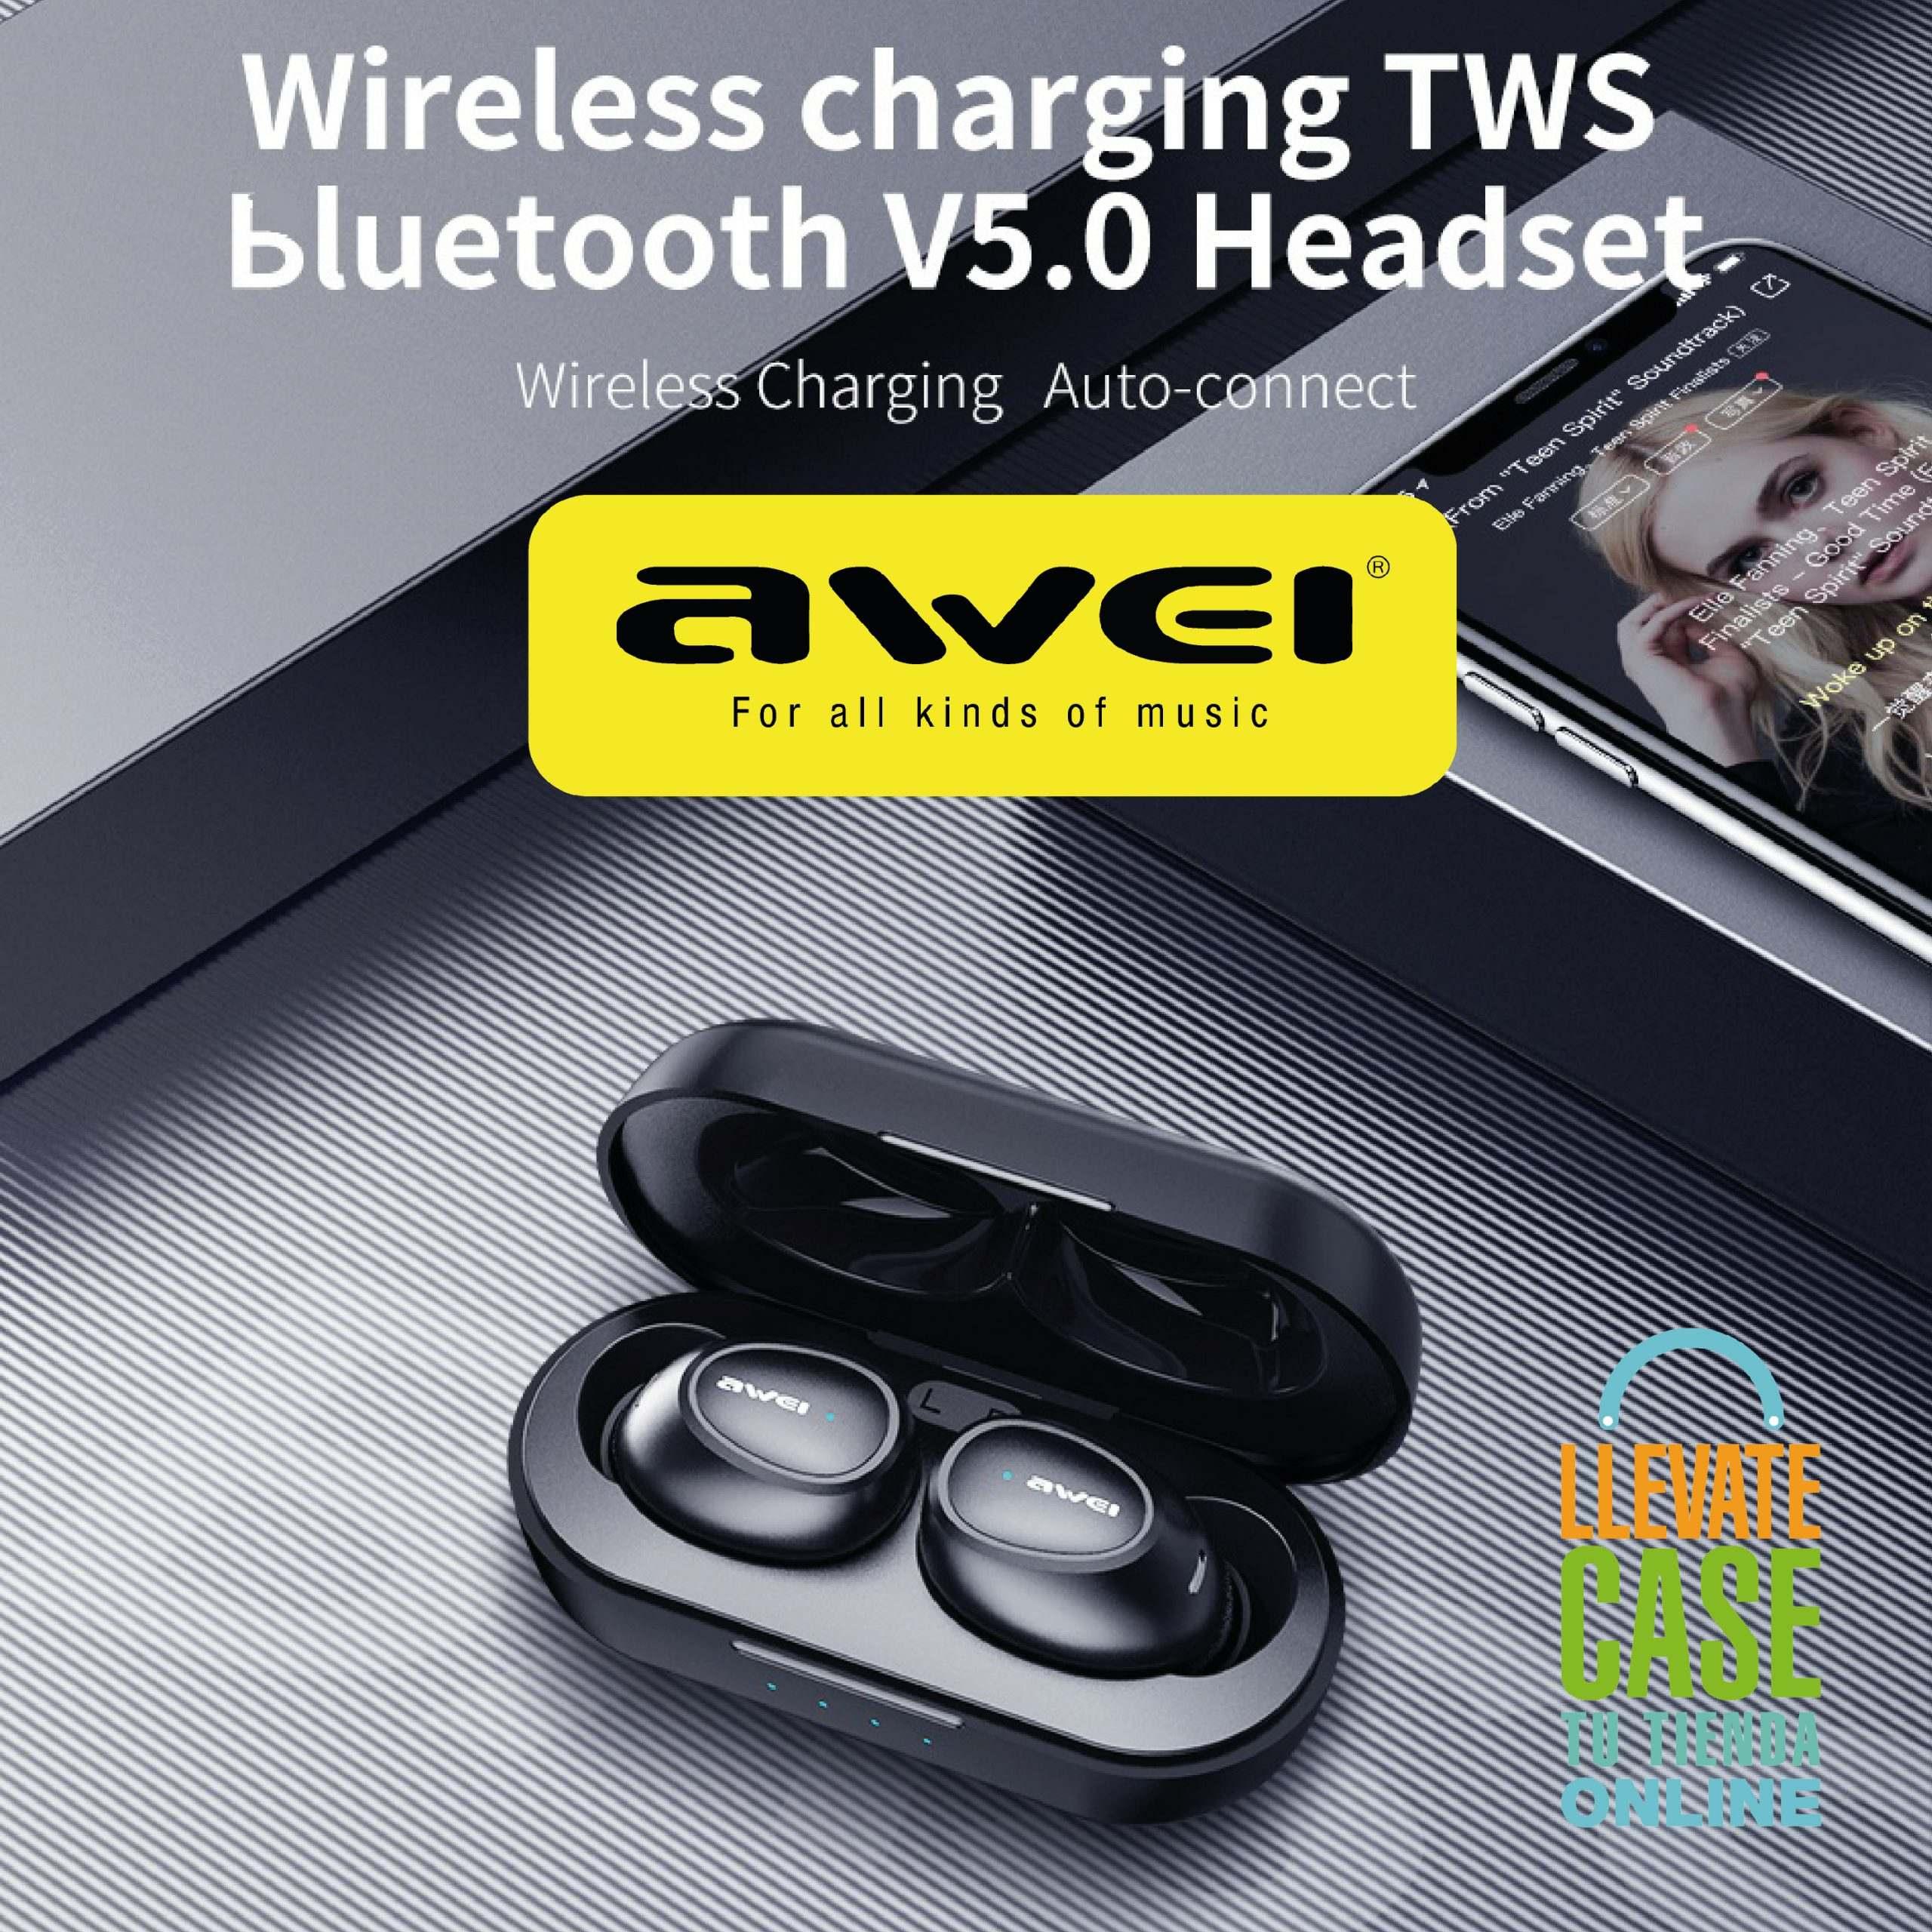 AWEI T6 EARBUDS con tecnología de carga inalámbrica.